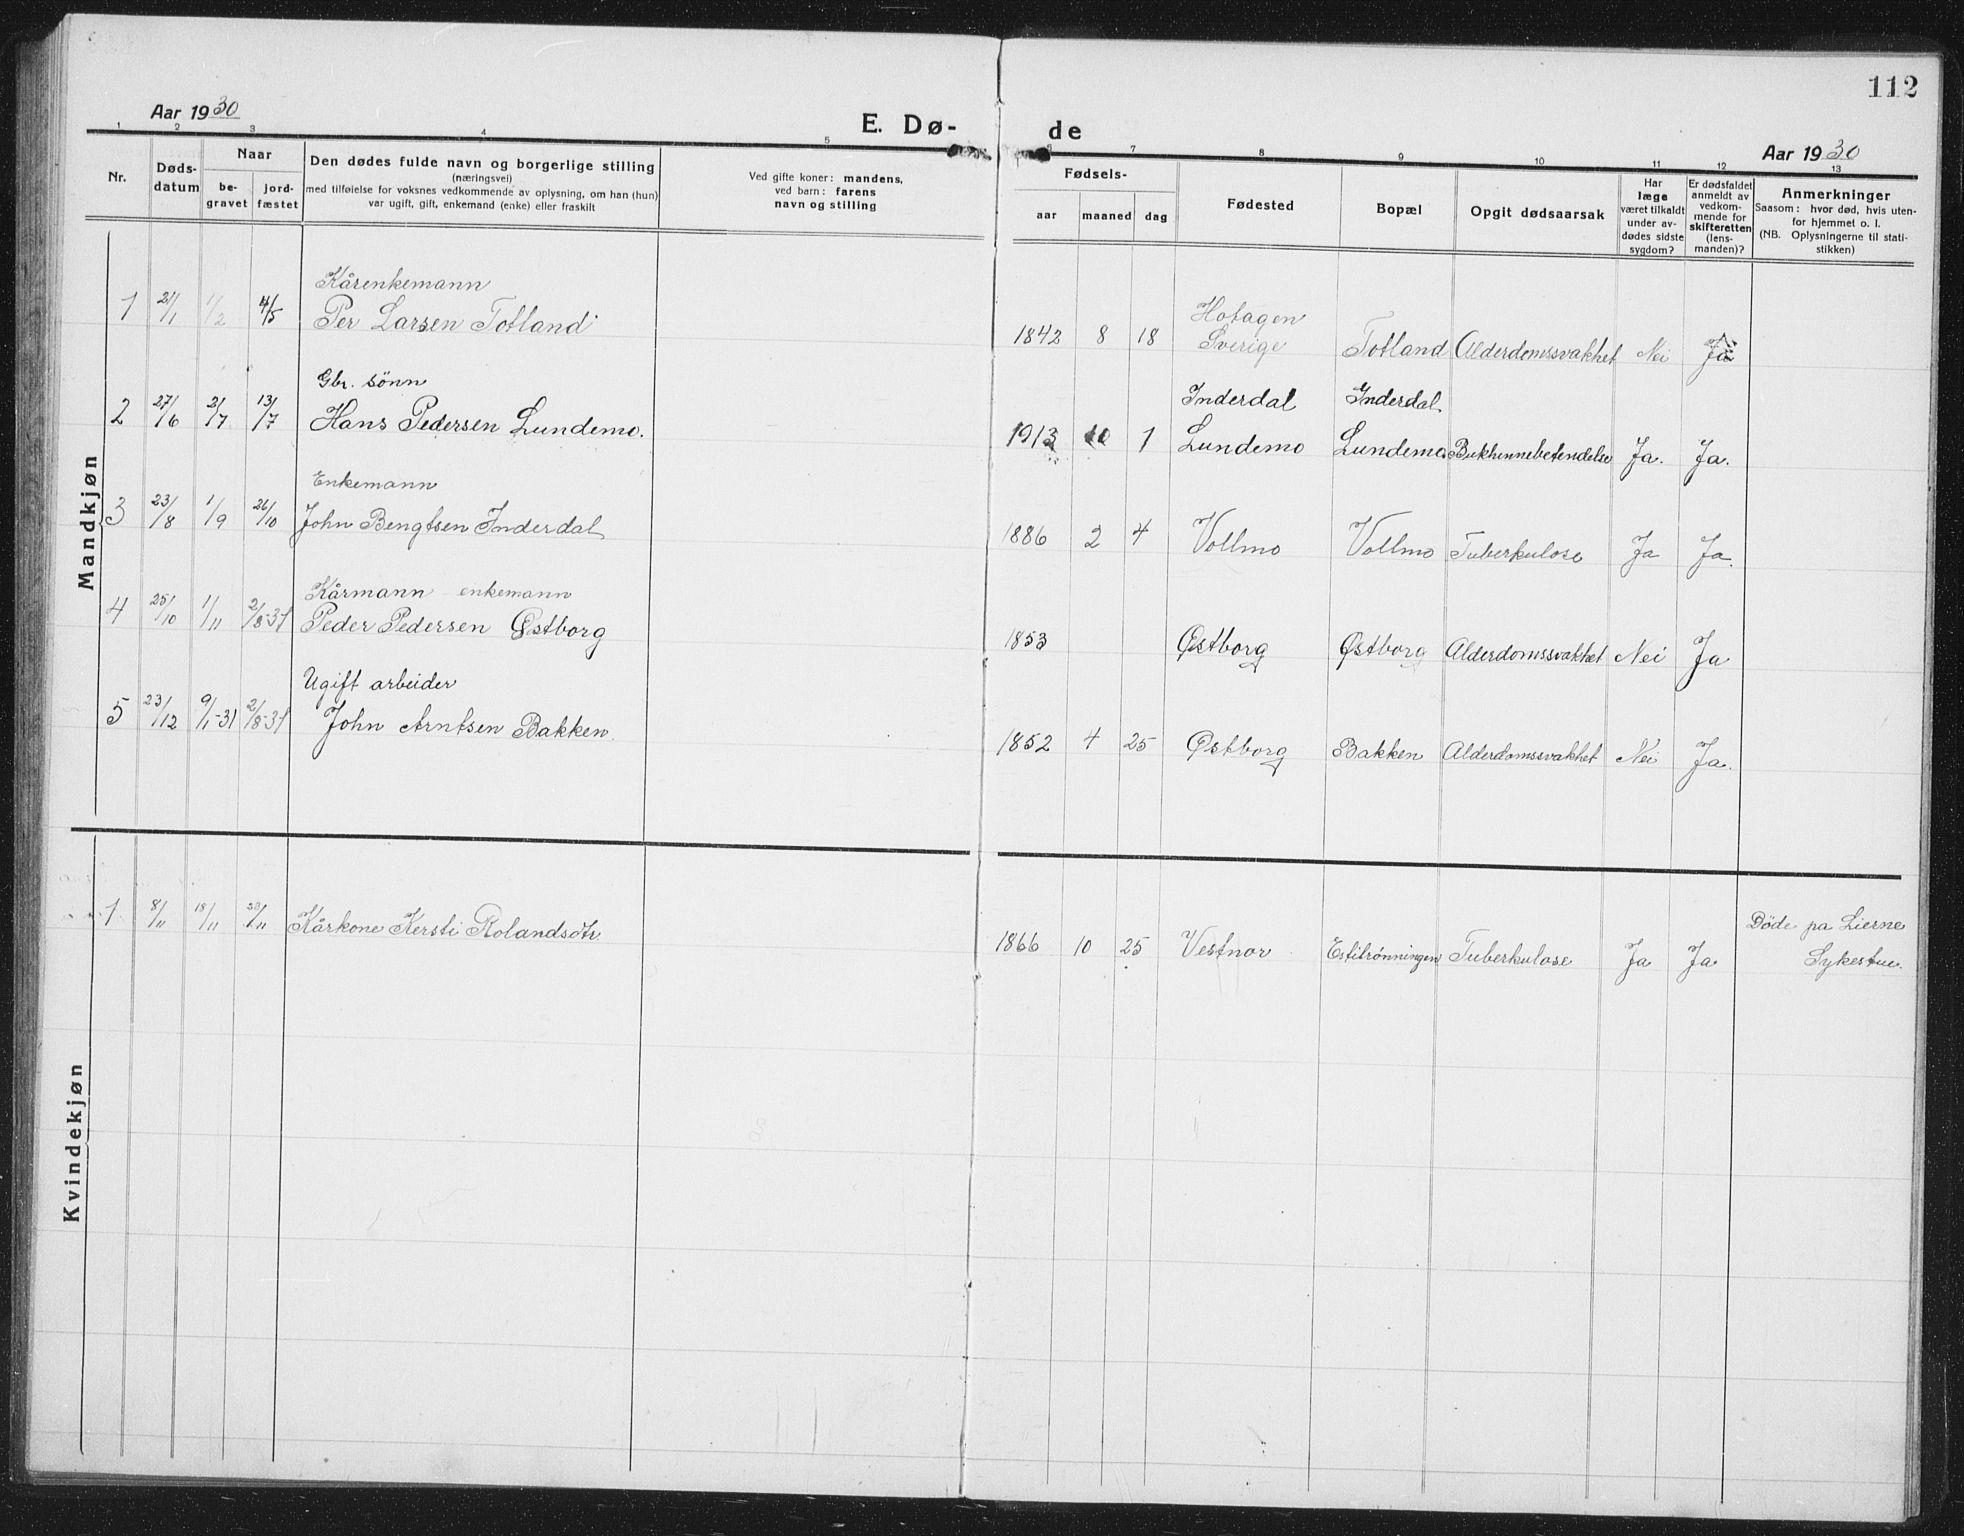 SAT, Ministerialprotokoller, klokkerbøker og fødselsregistre - Nord-Trøndelag, 757/L0507: Klokkerbok nr. 757C02, 1923-1939, s. 112